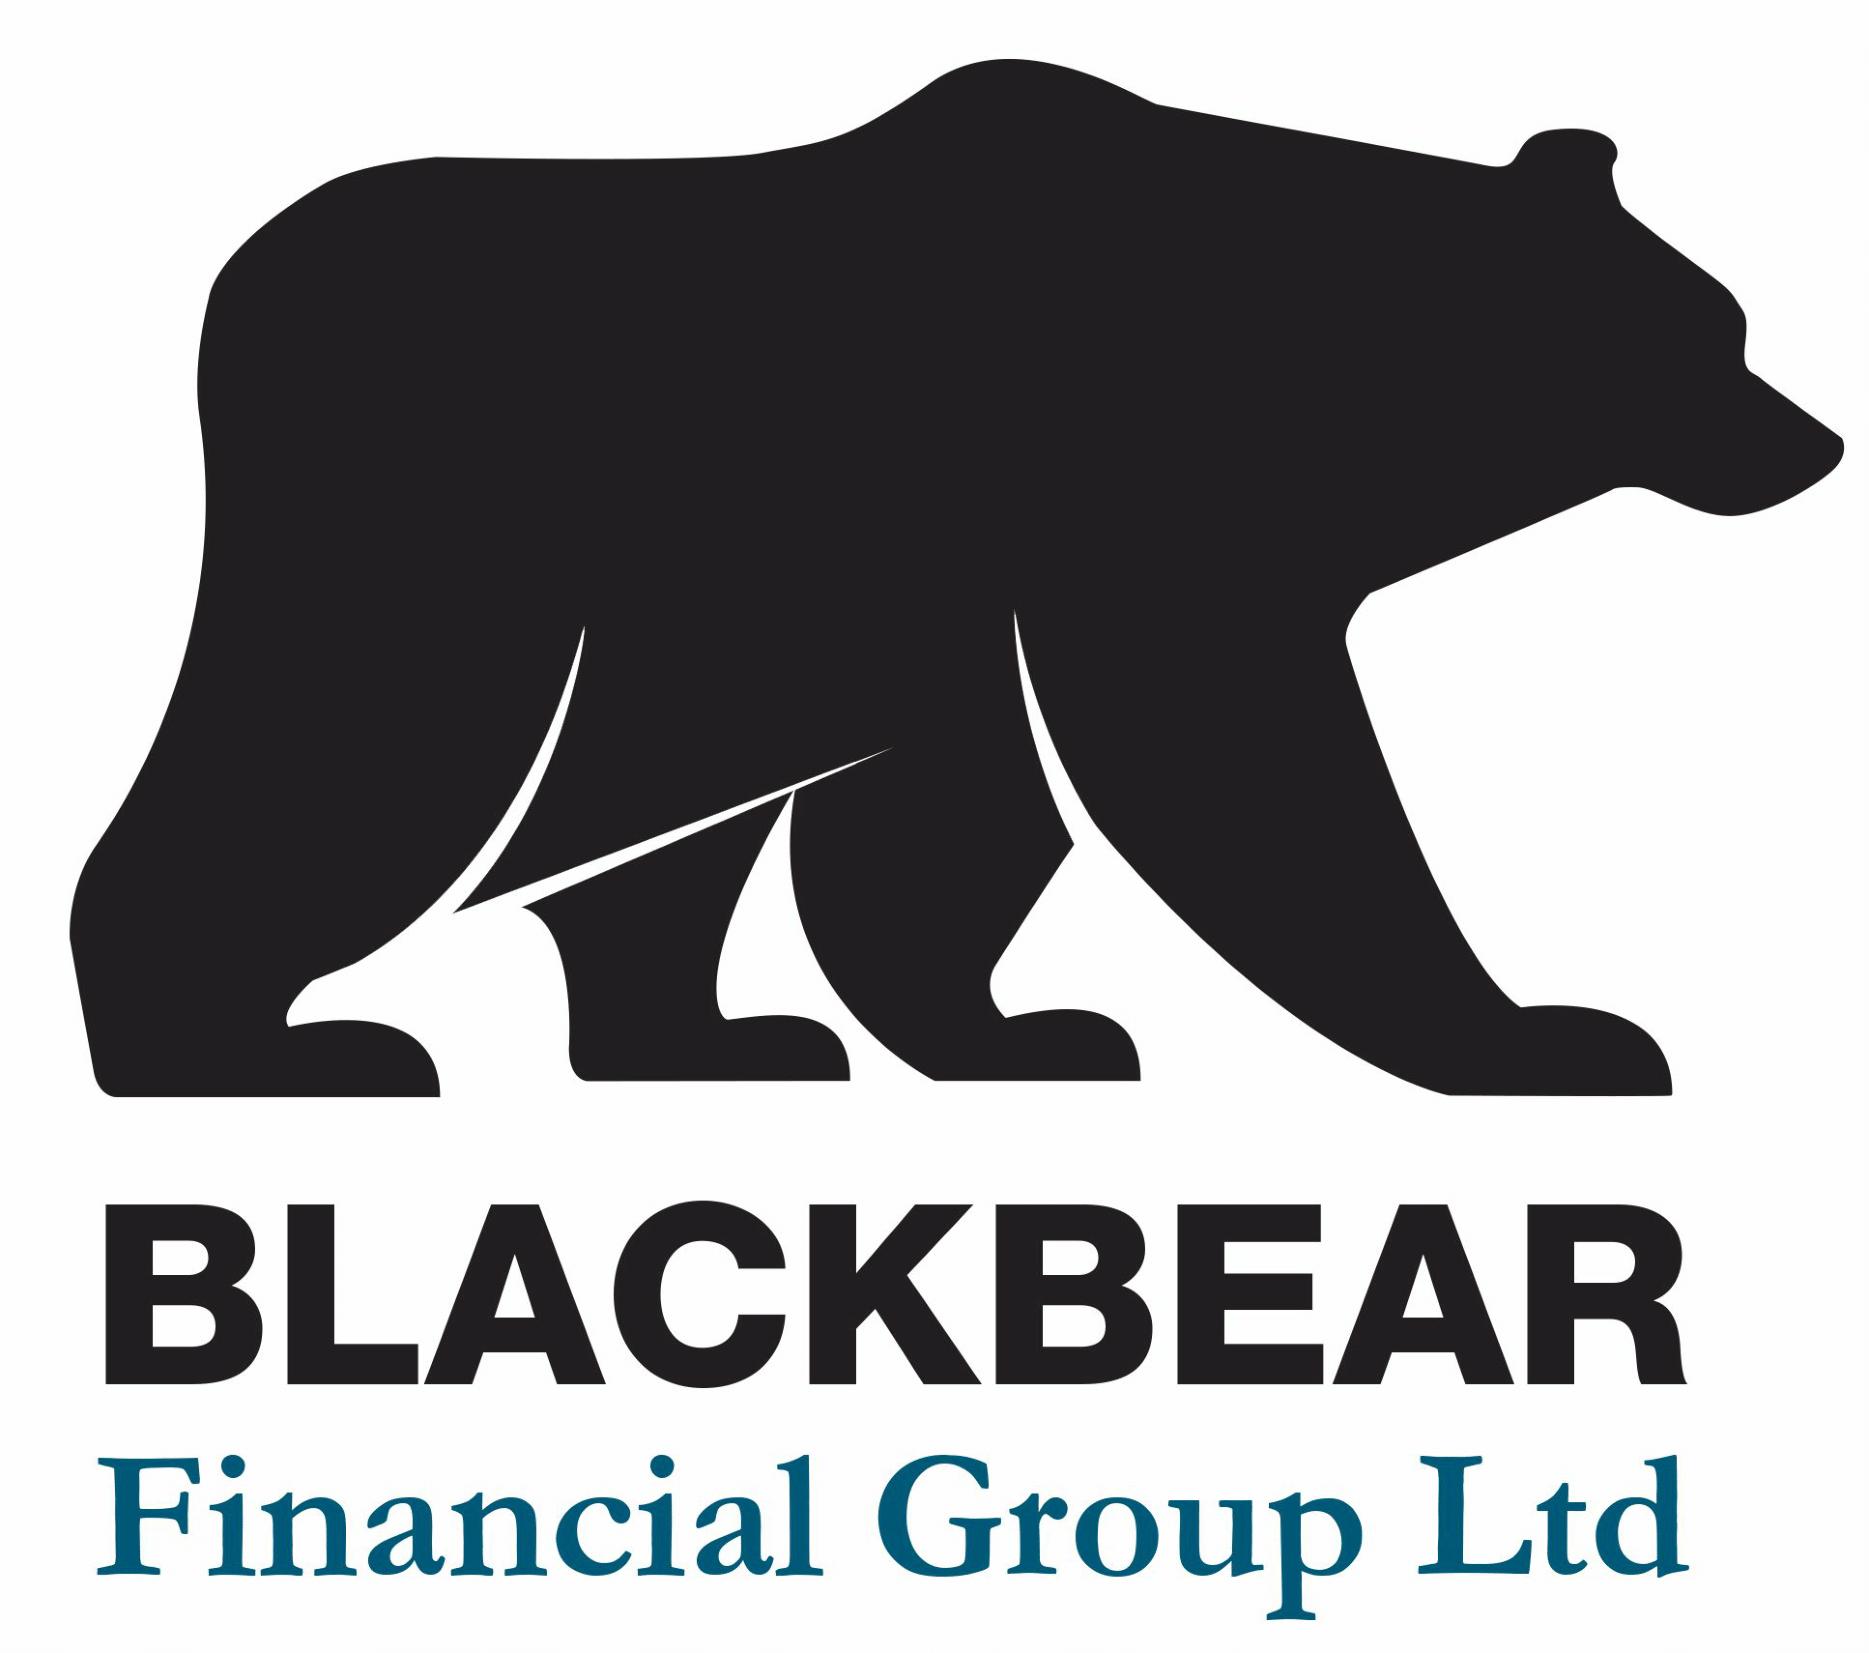 BlackBear Financial Group Ltd